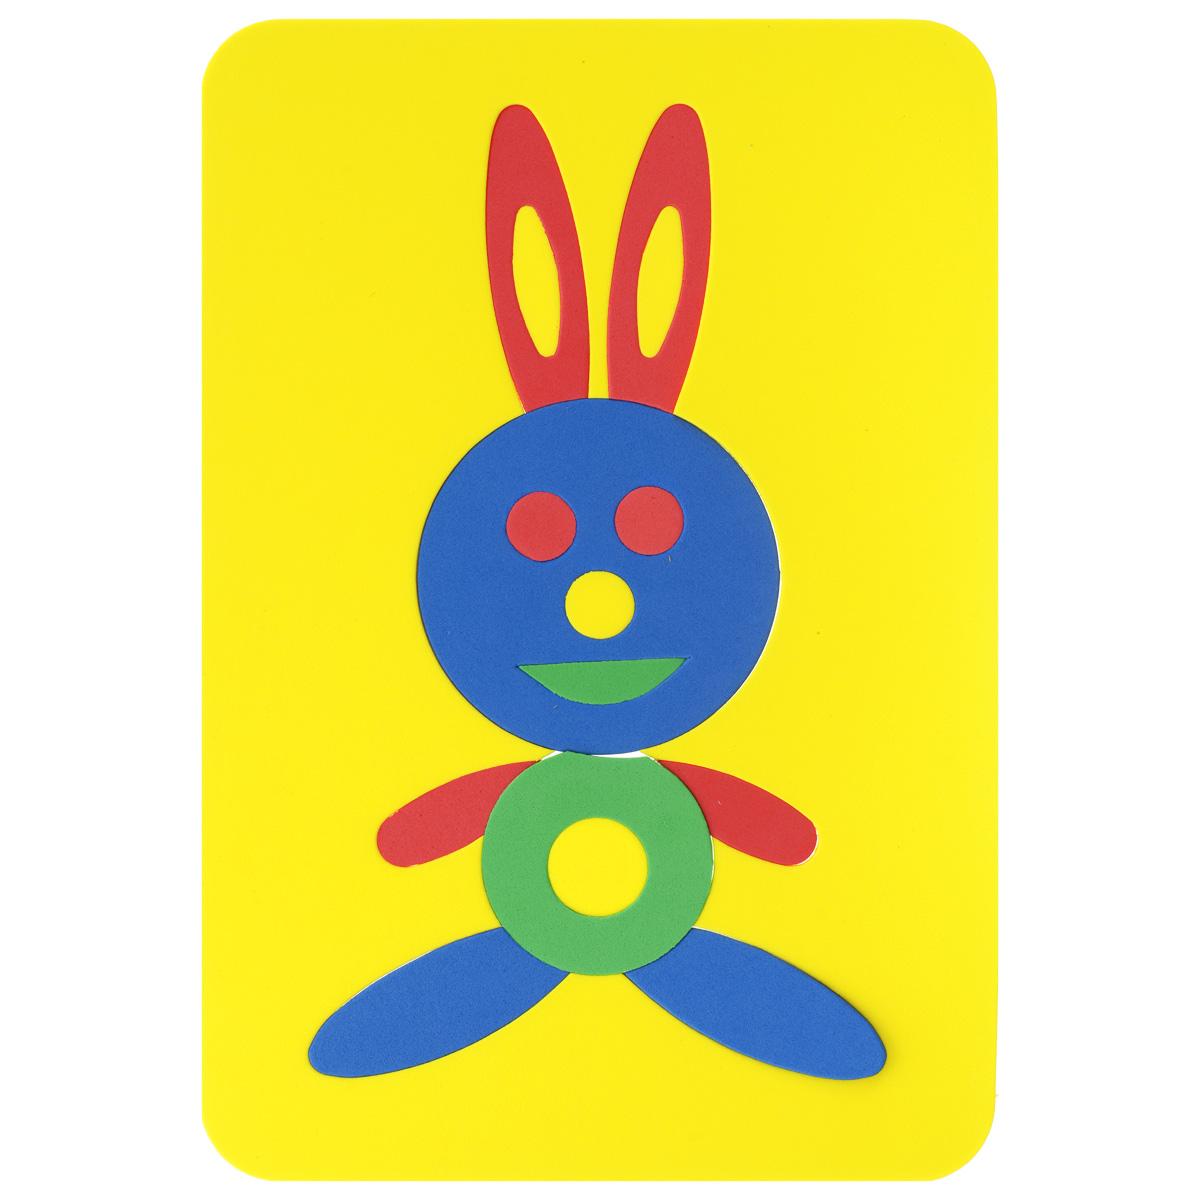 Мягкая мозаика Заяц, цвет основы: желтый, 16 элементов27-2008Мягкая мозаика Заяц выполнена из мягкого полимера, который дает юному конструктору новые удивительные возможности в игре: детали мозаики гнутся, но не ломаются, их всегда можно состыковать. Мозаика представляет собой рамку, в которой из 15 элементов собирается яркий зайчик. Ваш ребенок сможет собрать его и в ванной. Элементы мозаики можно намочить, благодаря чему они будут хорошо прилипать к стене в ванной комнате. Такая мозаика развивает пространственное и логическое мышление, память и глазомер, знакомит с формами и цветом предмета в процессе игры.